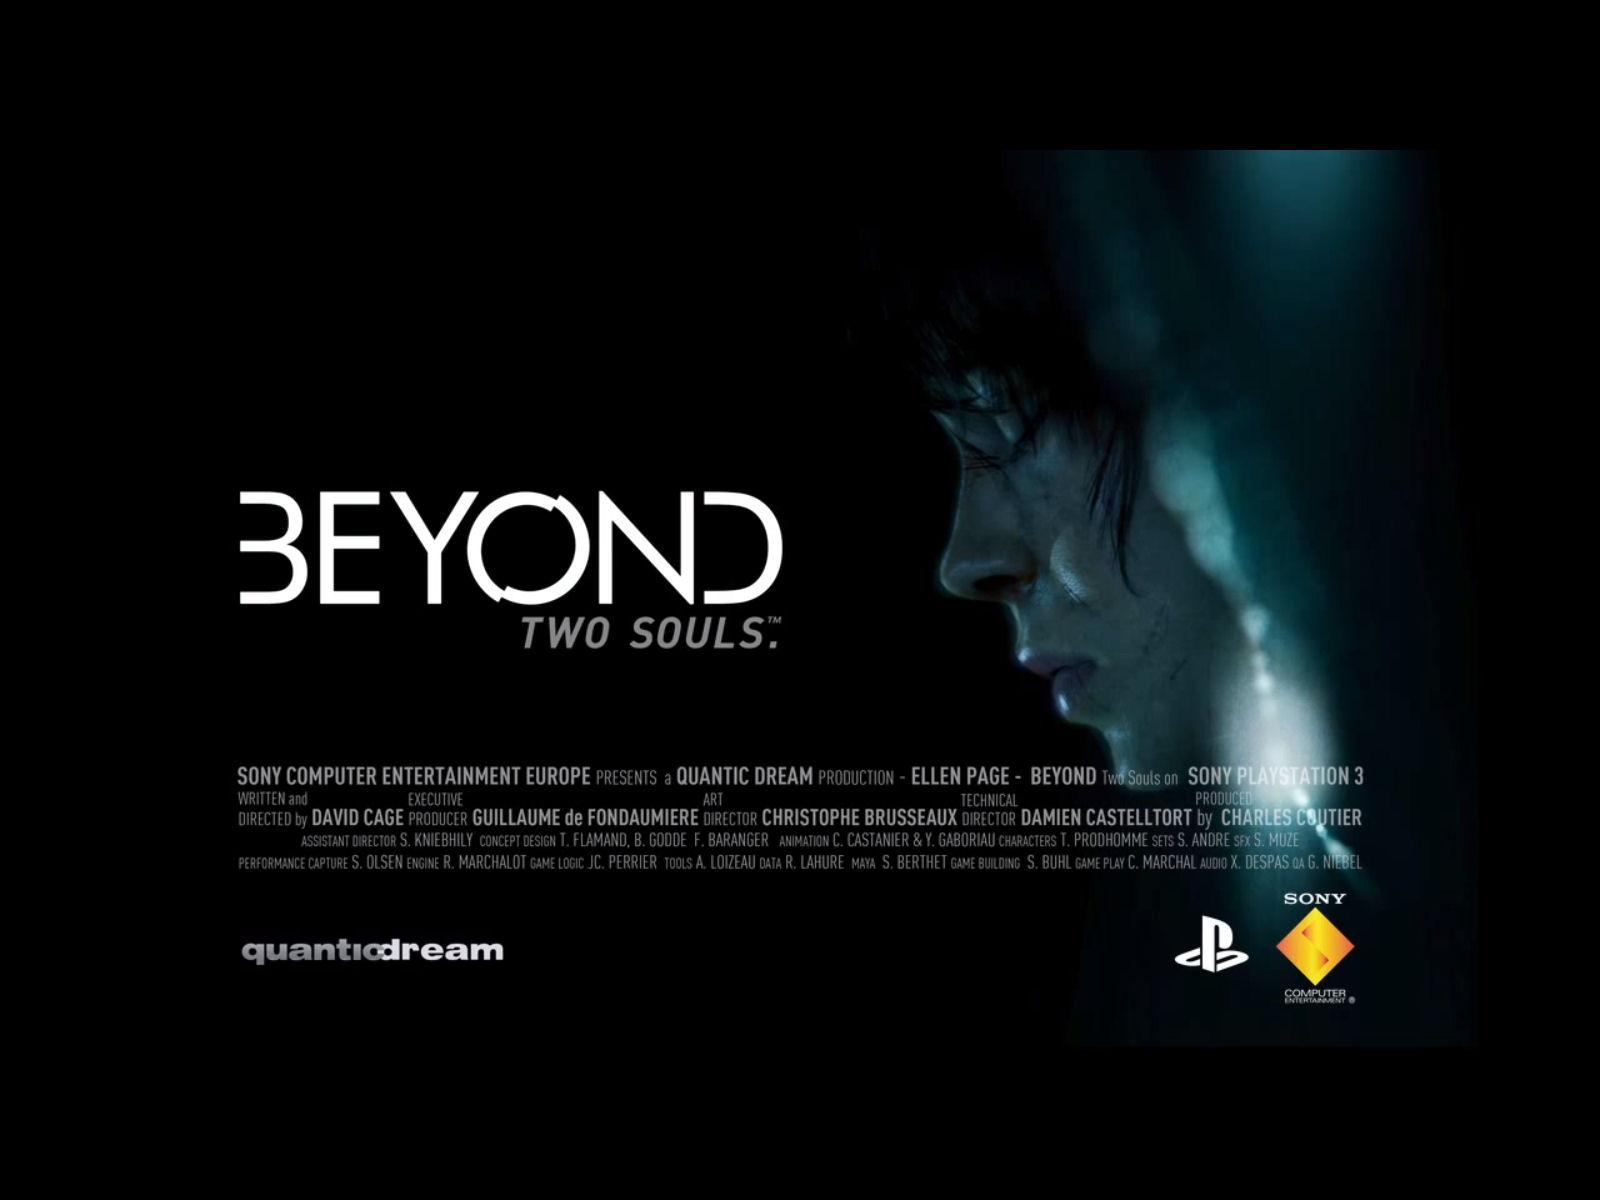 Beyond Two Souls Logo Wallpaper